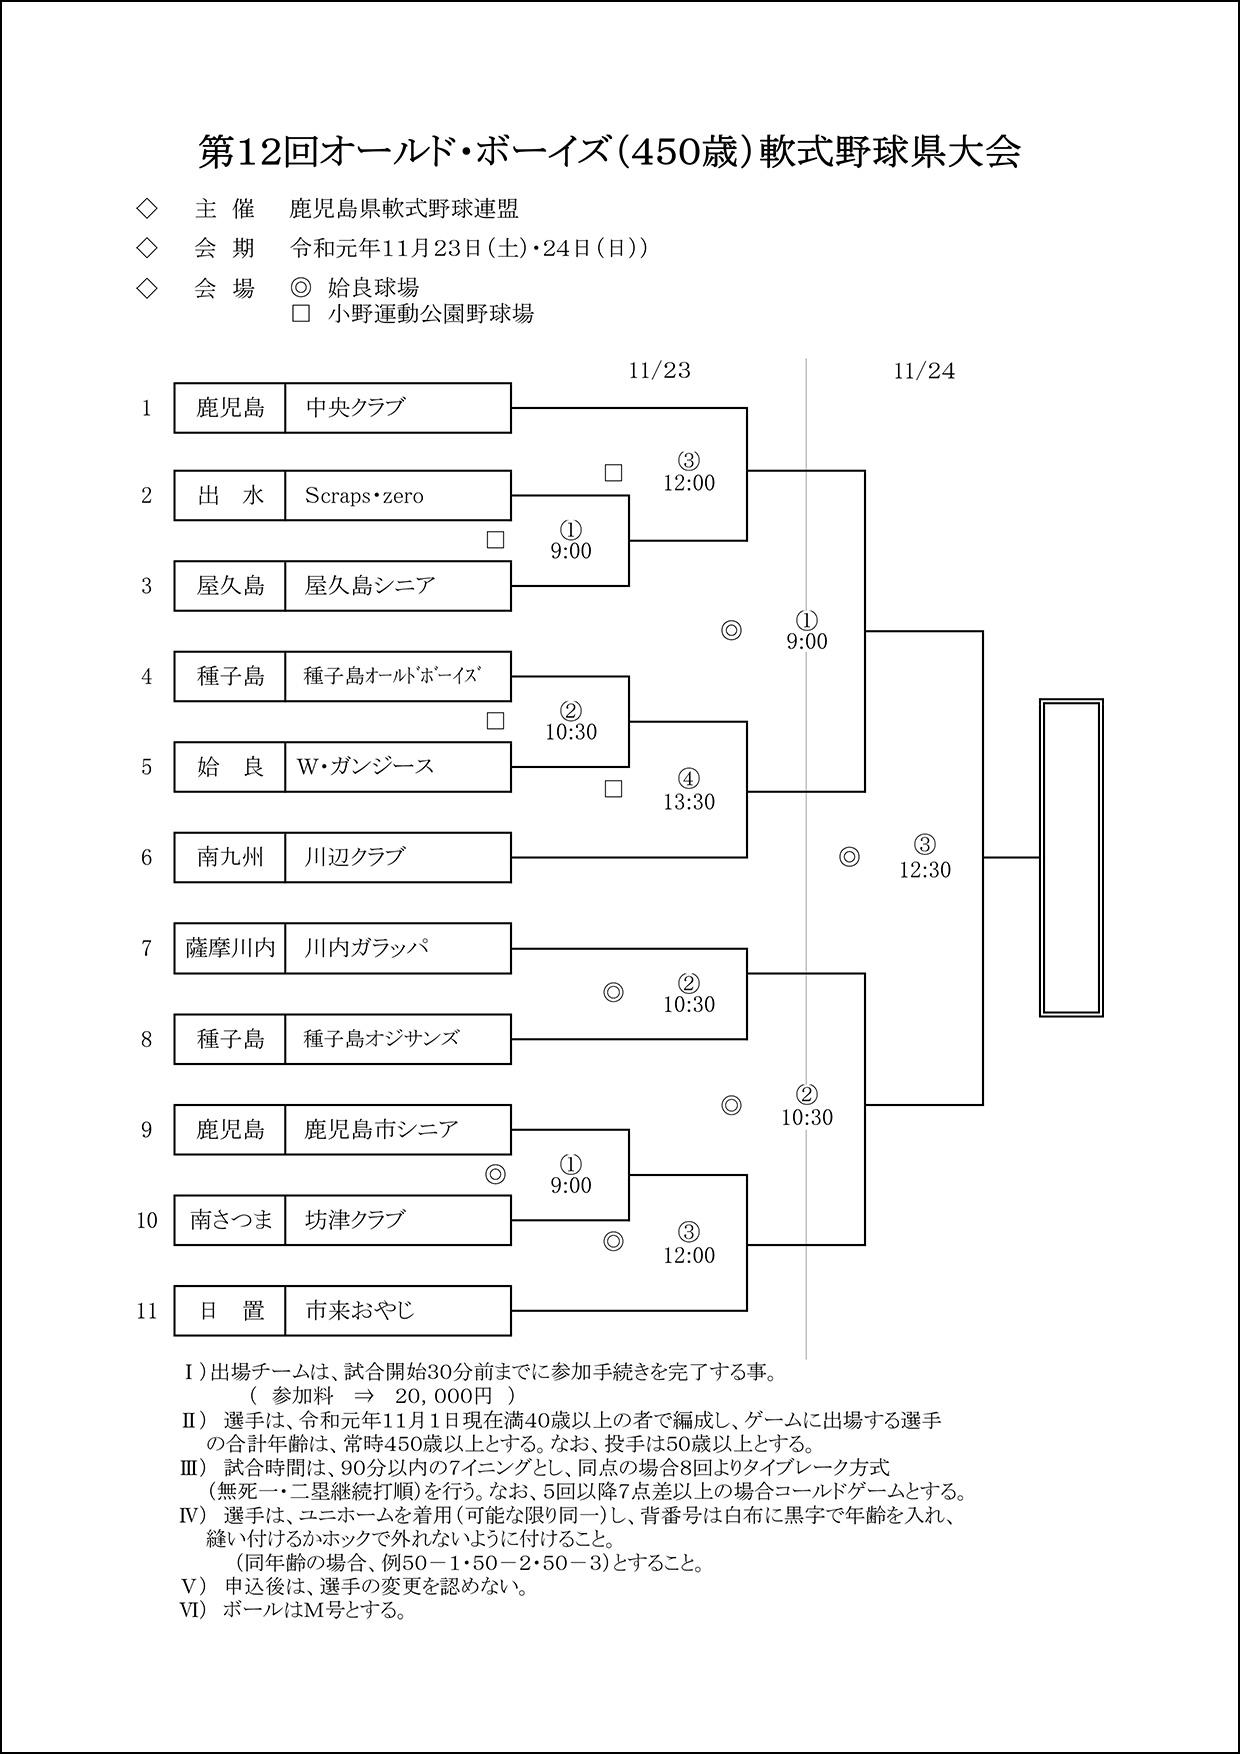 【組合せ】第12回オールド・ボーイズ(450歳)軟式野球県大会